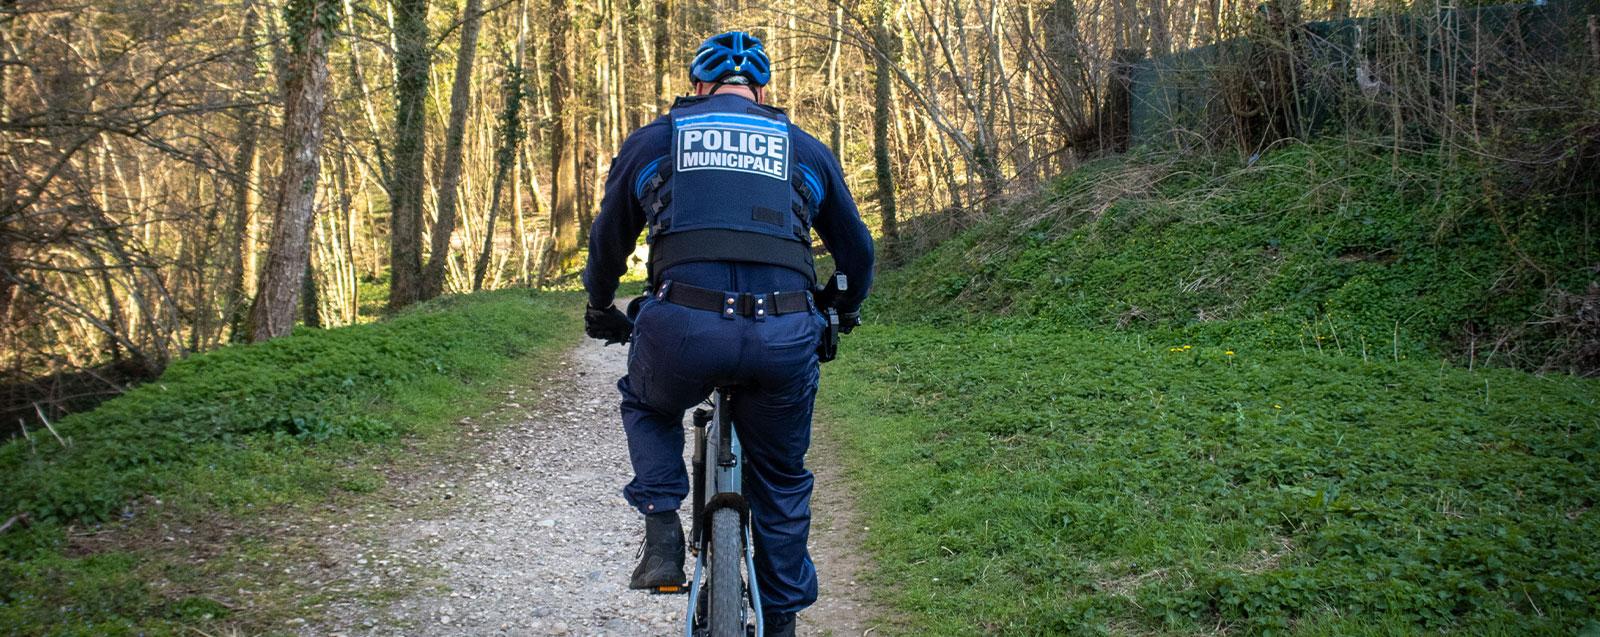 Agent de la Police Municipale - © Mairie de Villefontaine